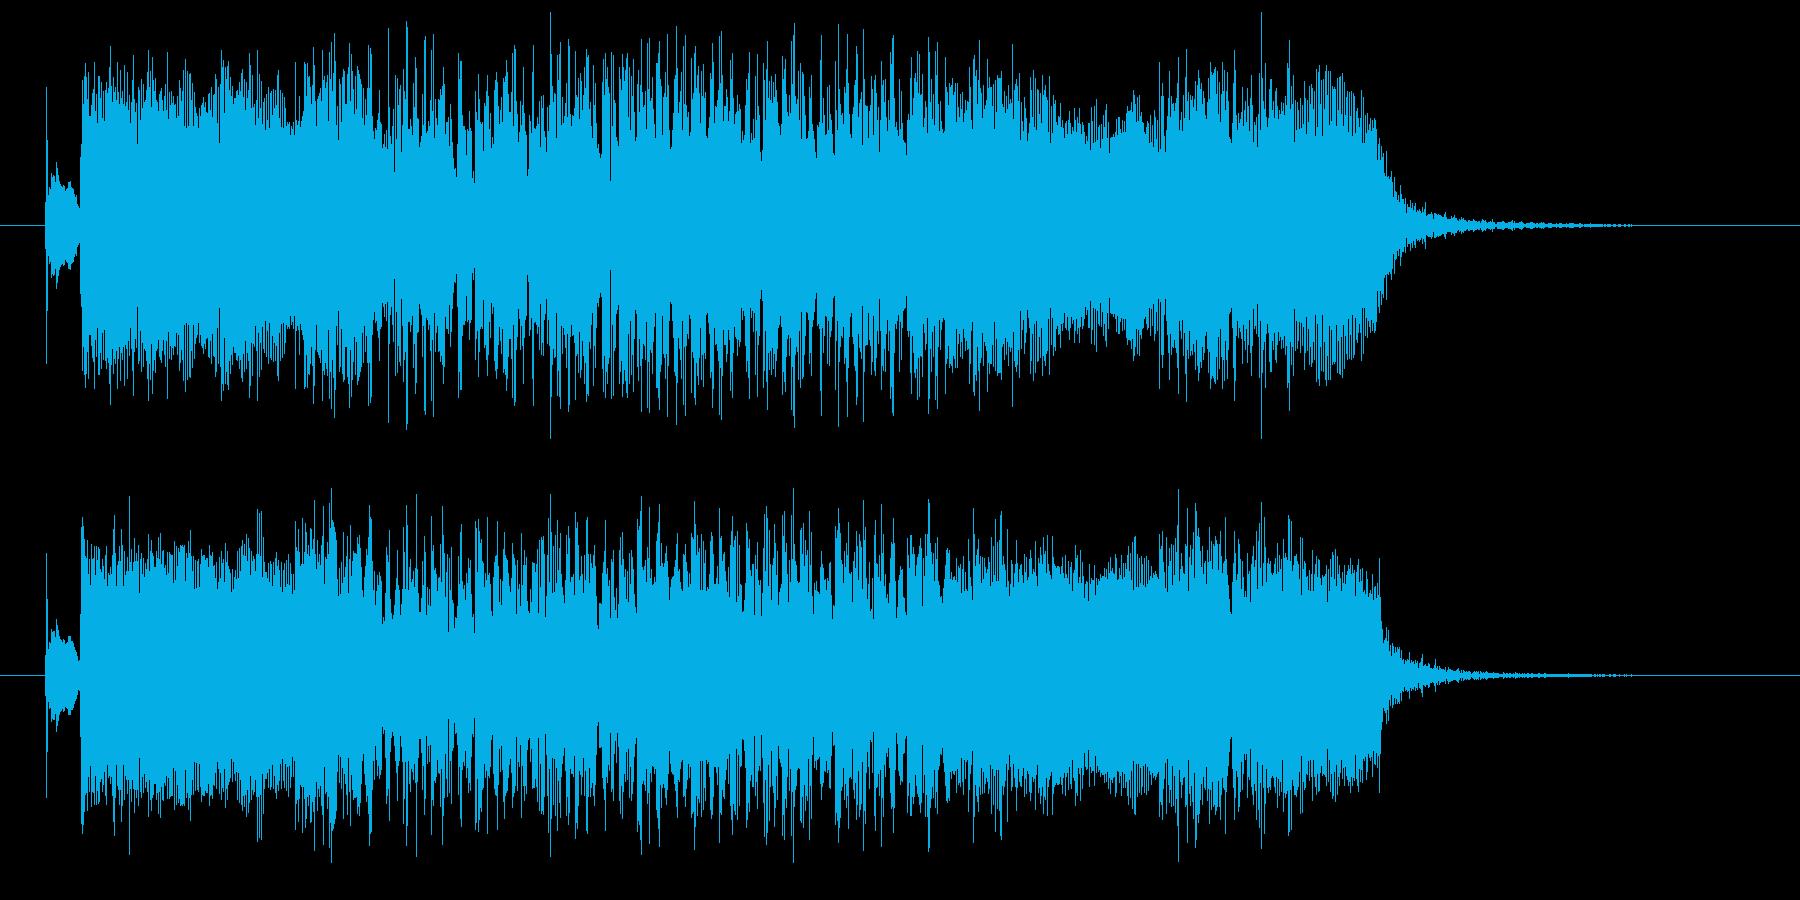 エレキギターの力強く疾走感のあるロックの再生済みの波形